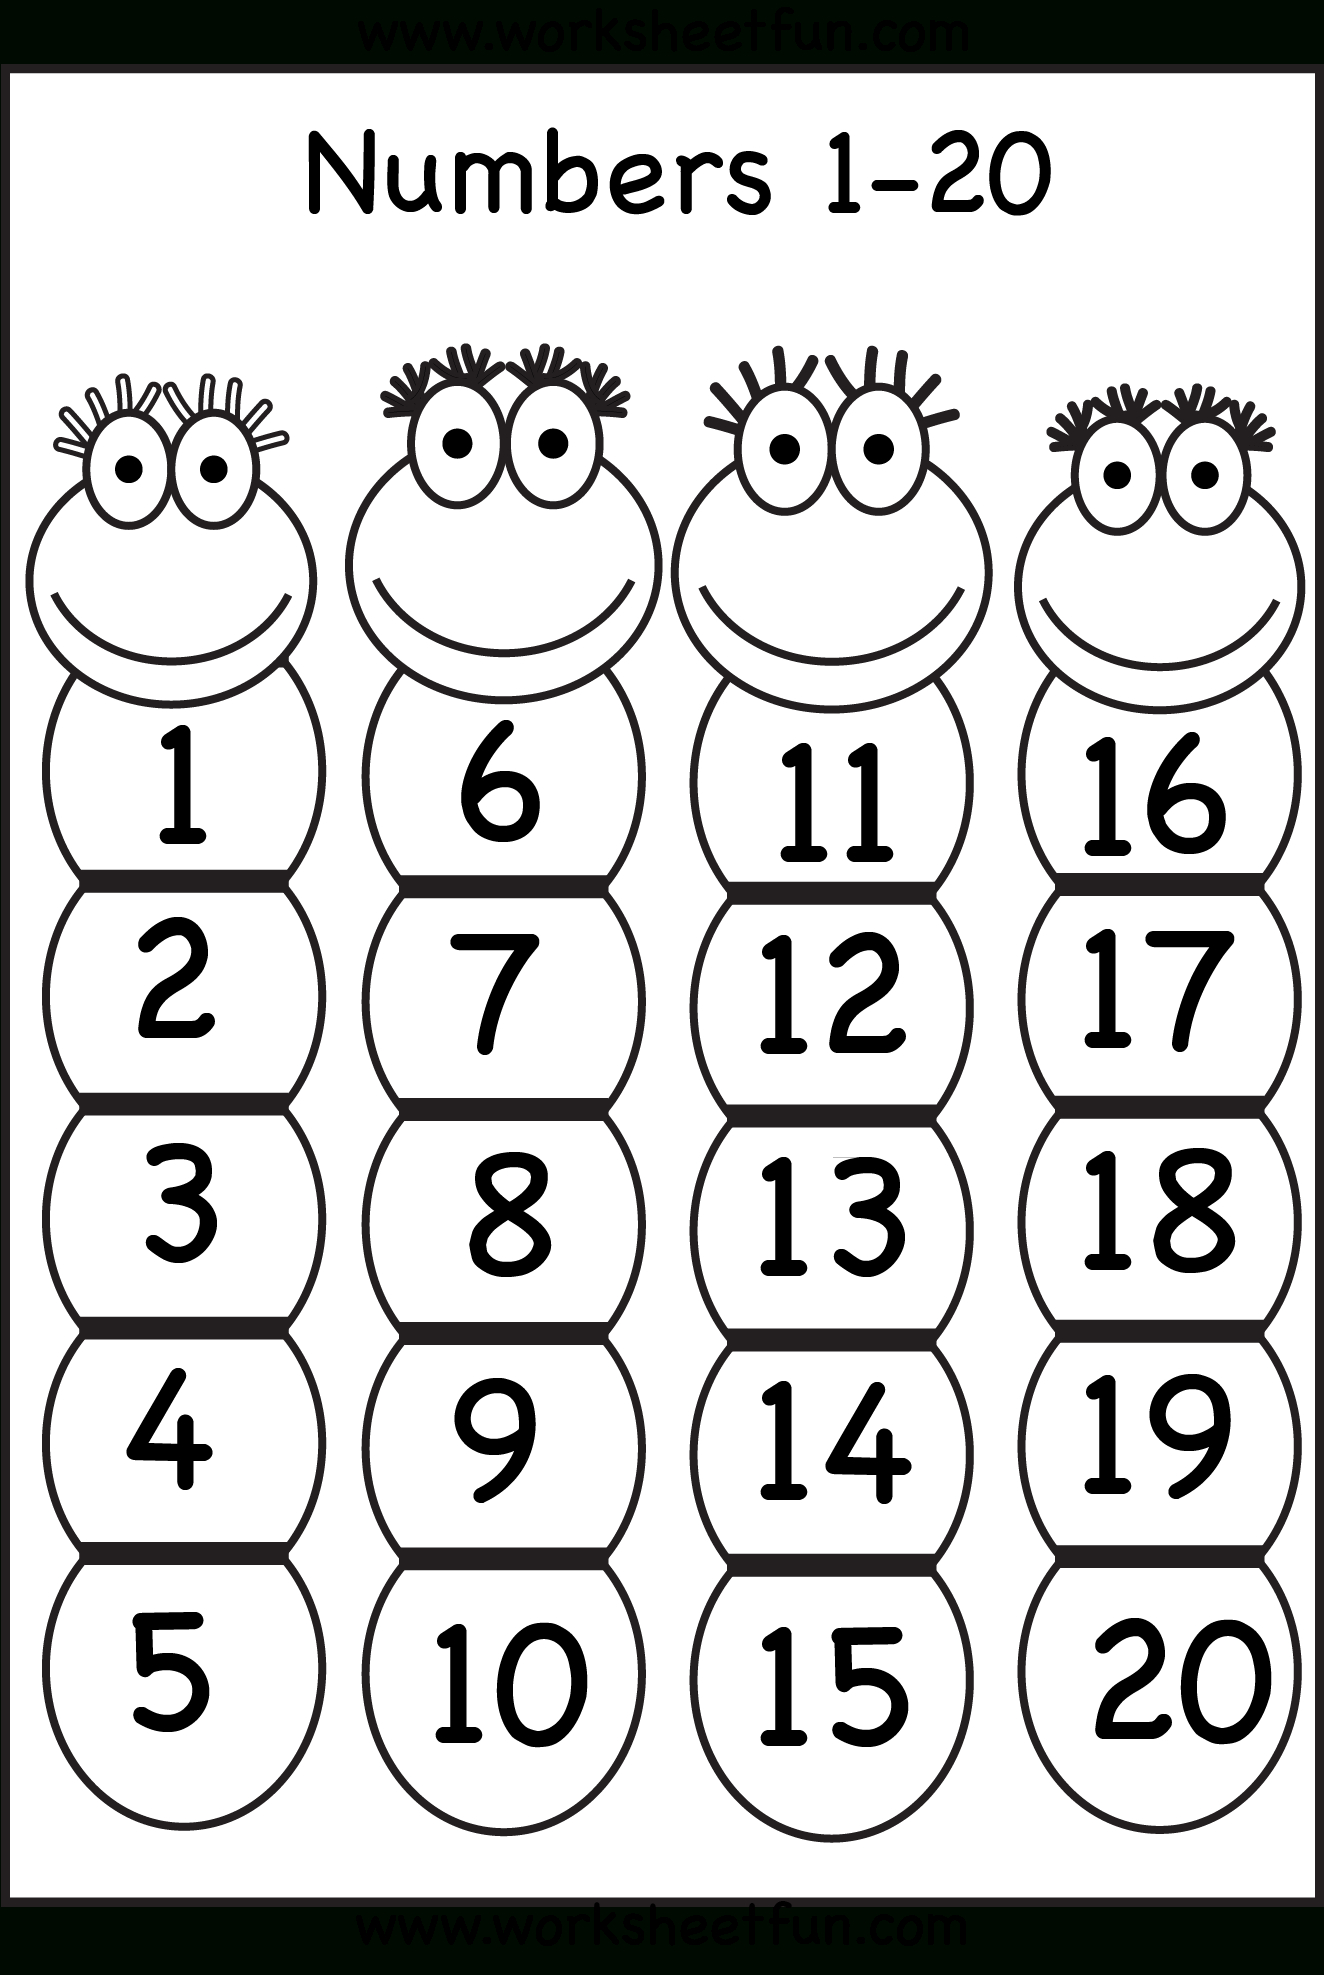 Numbers 1-20 | Printable Worksheets | Numbers Preschool, Preschool - Free Printable Numbers 1 20